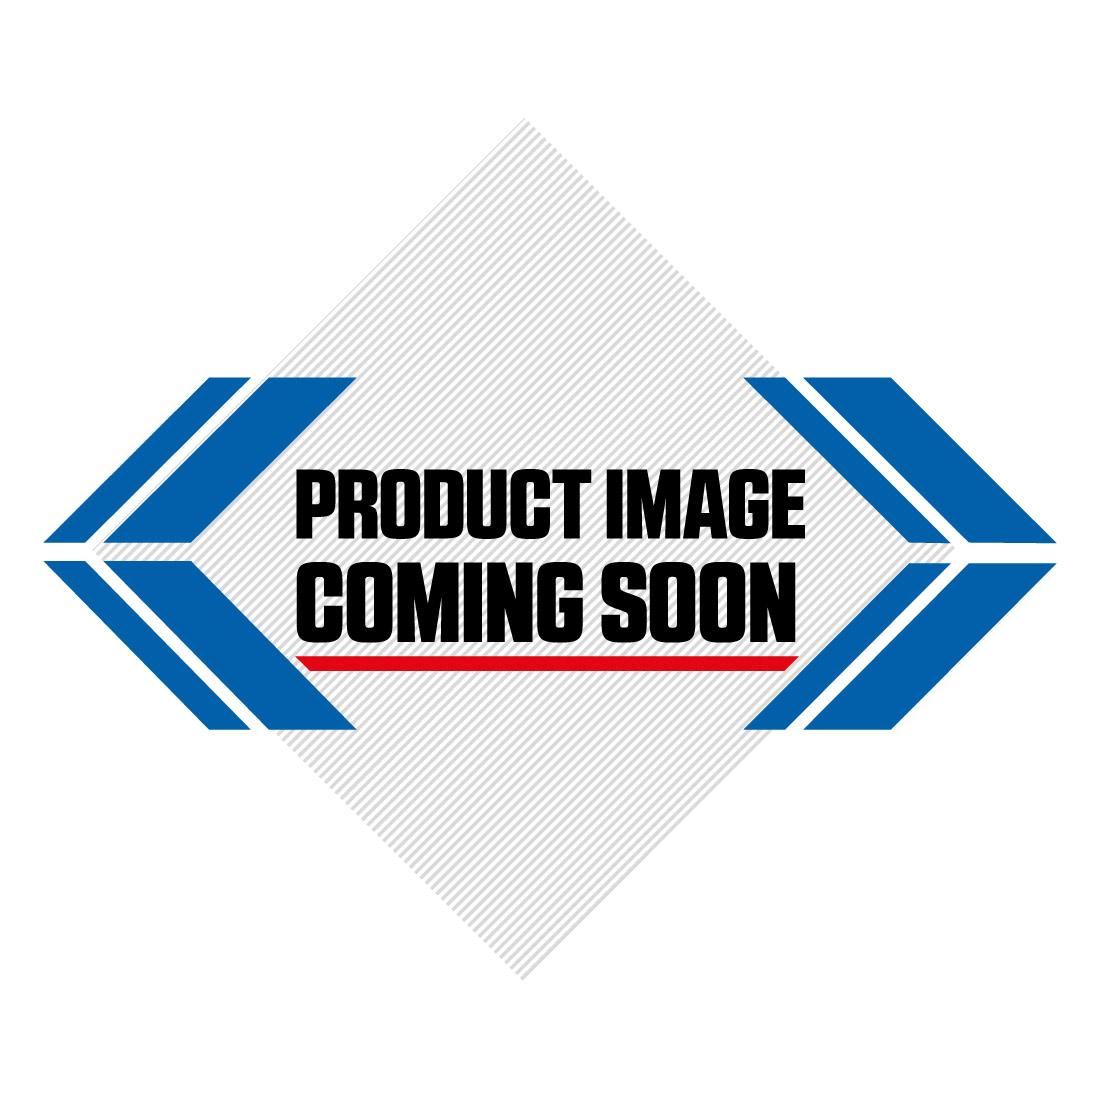 Kawasaki Plastic Kit KX 125 250 (99-02) OEM Factory Image-2